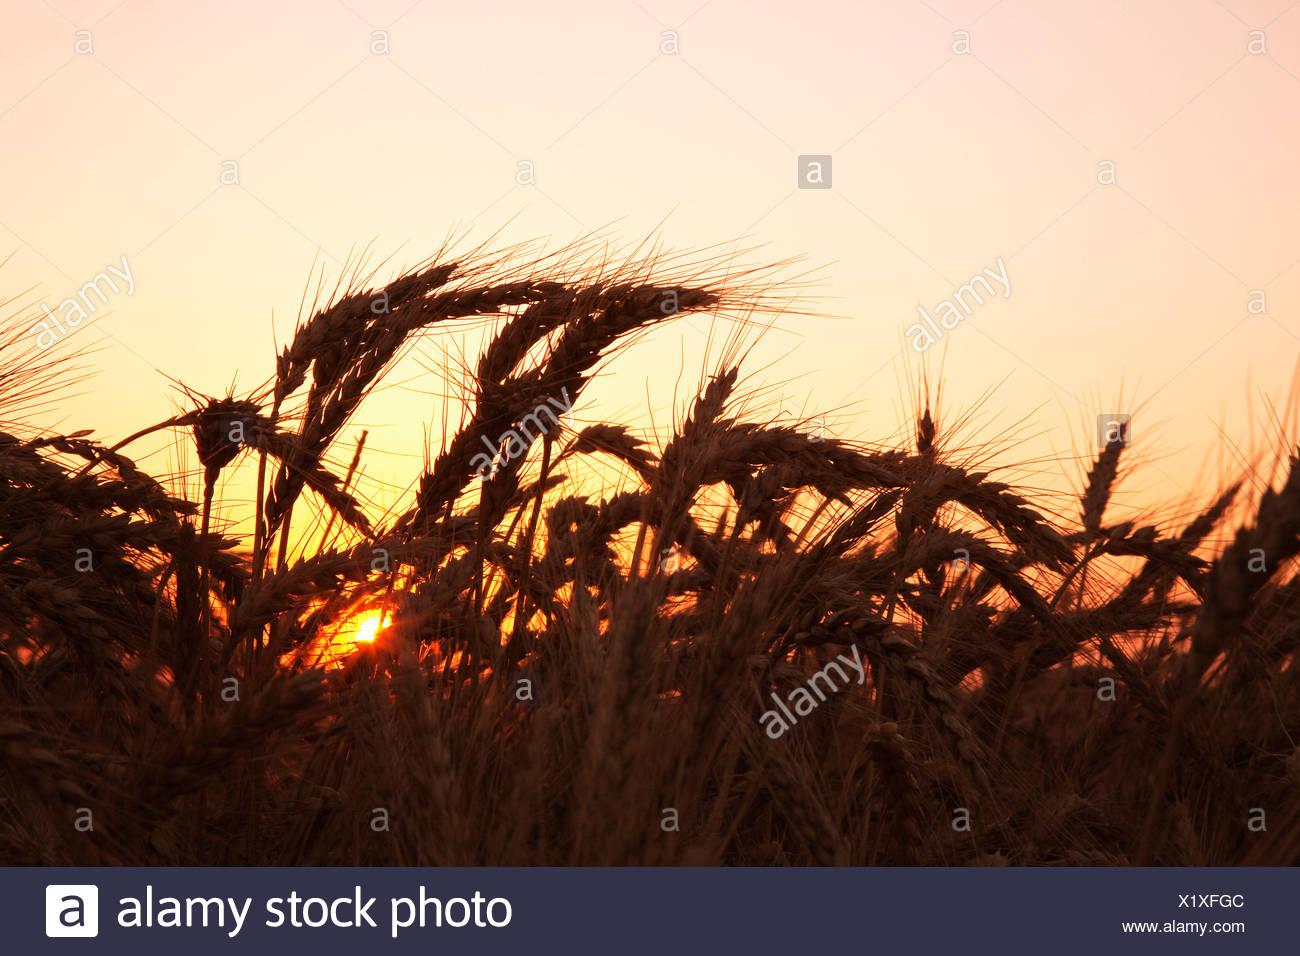 Agricultura - Madura etapa de cosecha de trigo de invierno rojo suave a finales de la primavera al atardecer / este de Arkansas, Estados Unidos. Imagen De Stock